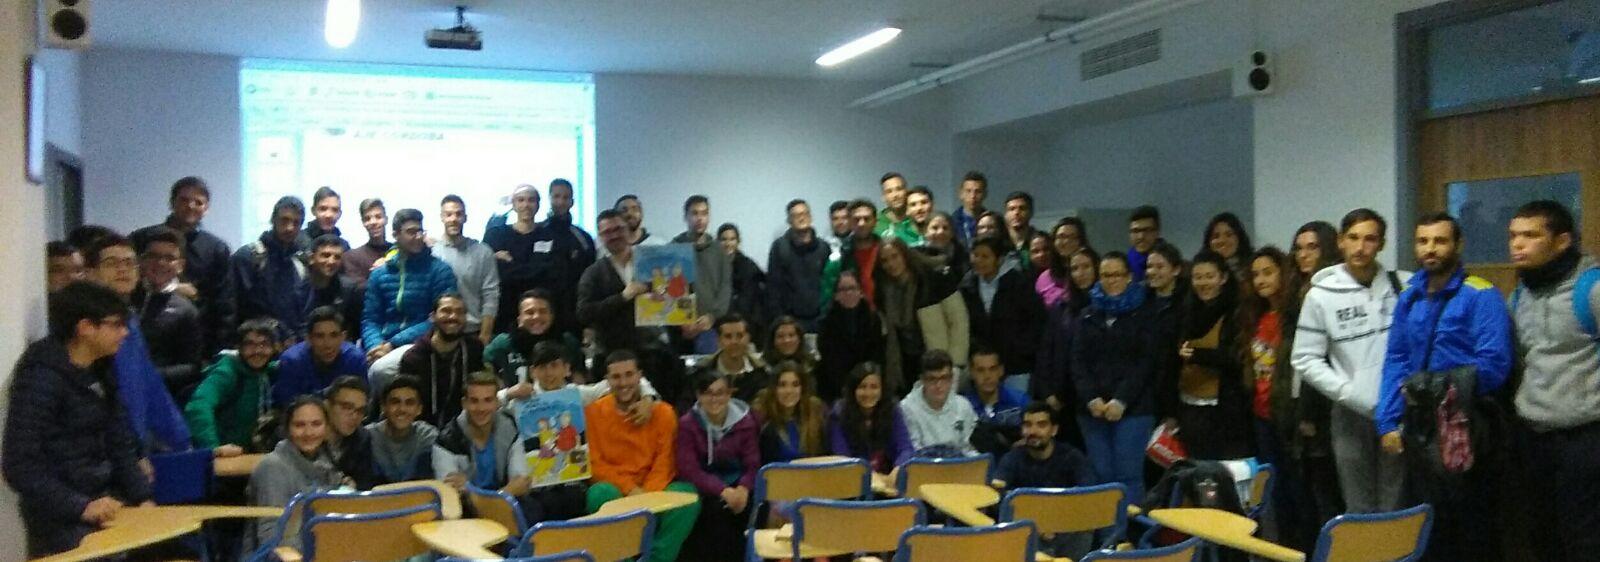 Sesión sobre autoempleo a cargo de Jorge Martínez para alumnos de Grado Superior